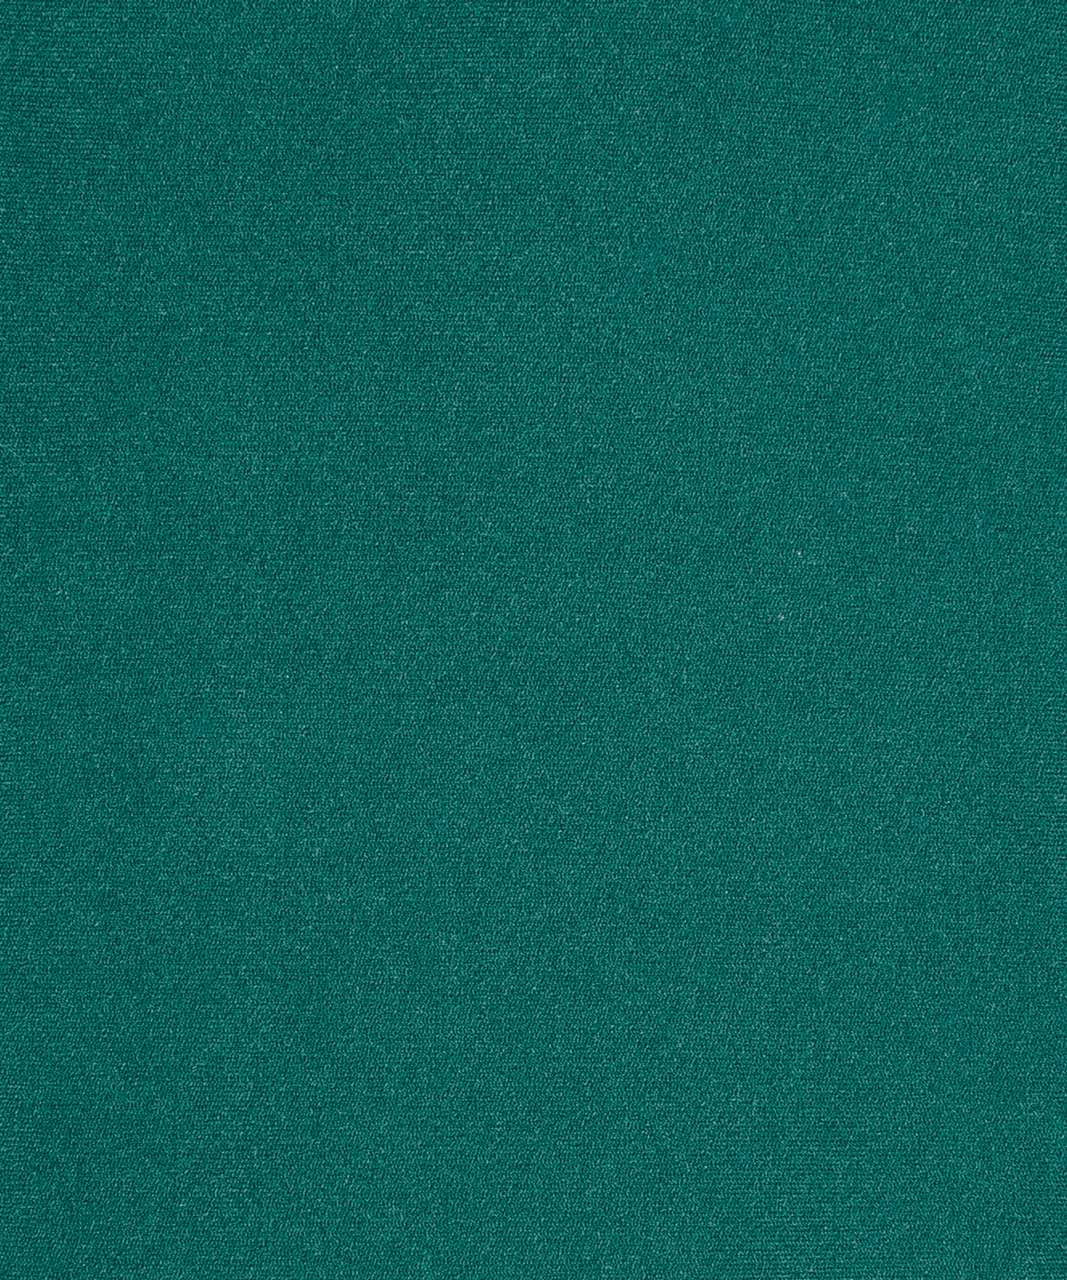 Lululemon Flow Y Bra *Nulu - Royal Emerald